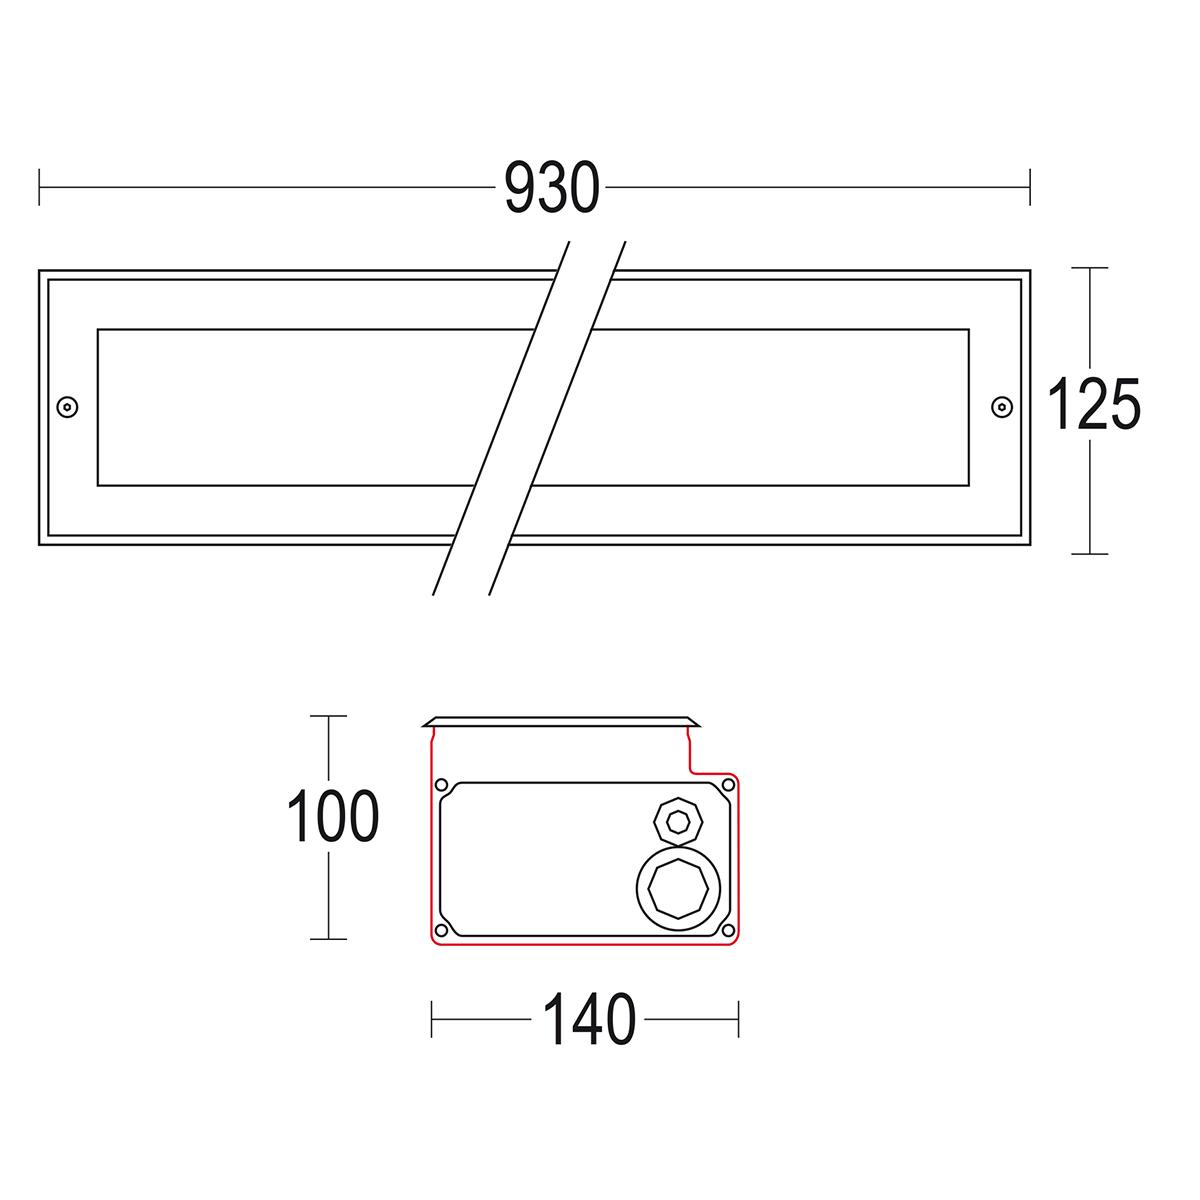 чертеж Confine 900 Ghidini уличный светильник GH1297.ELMT300EN